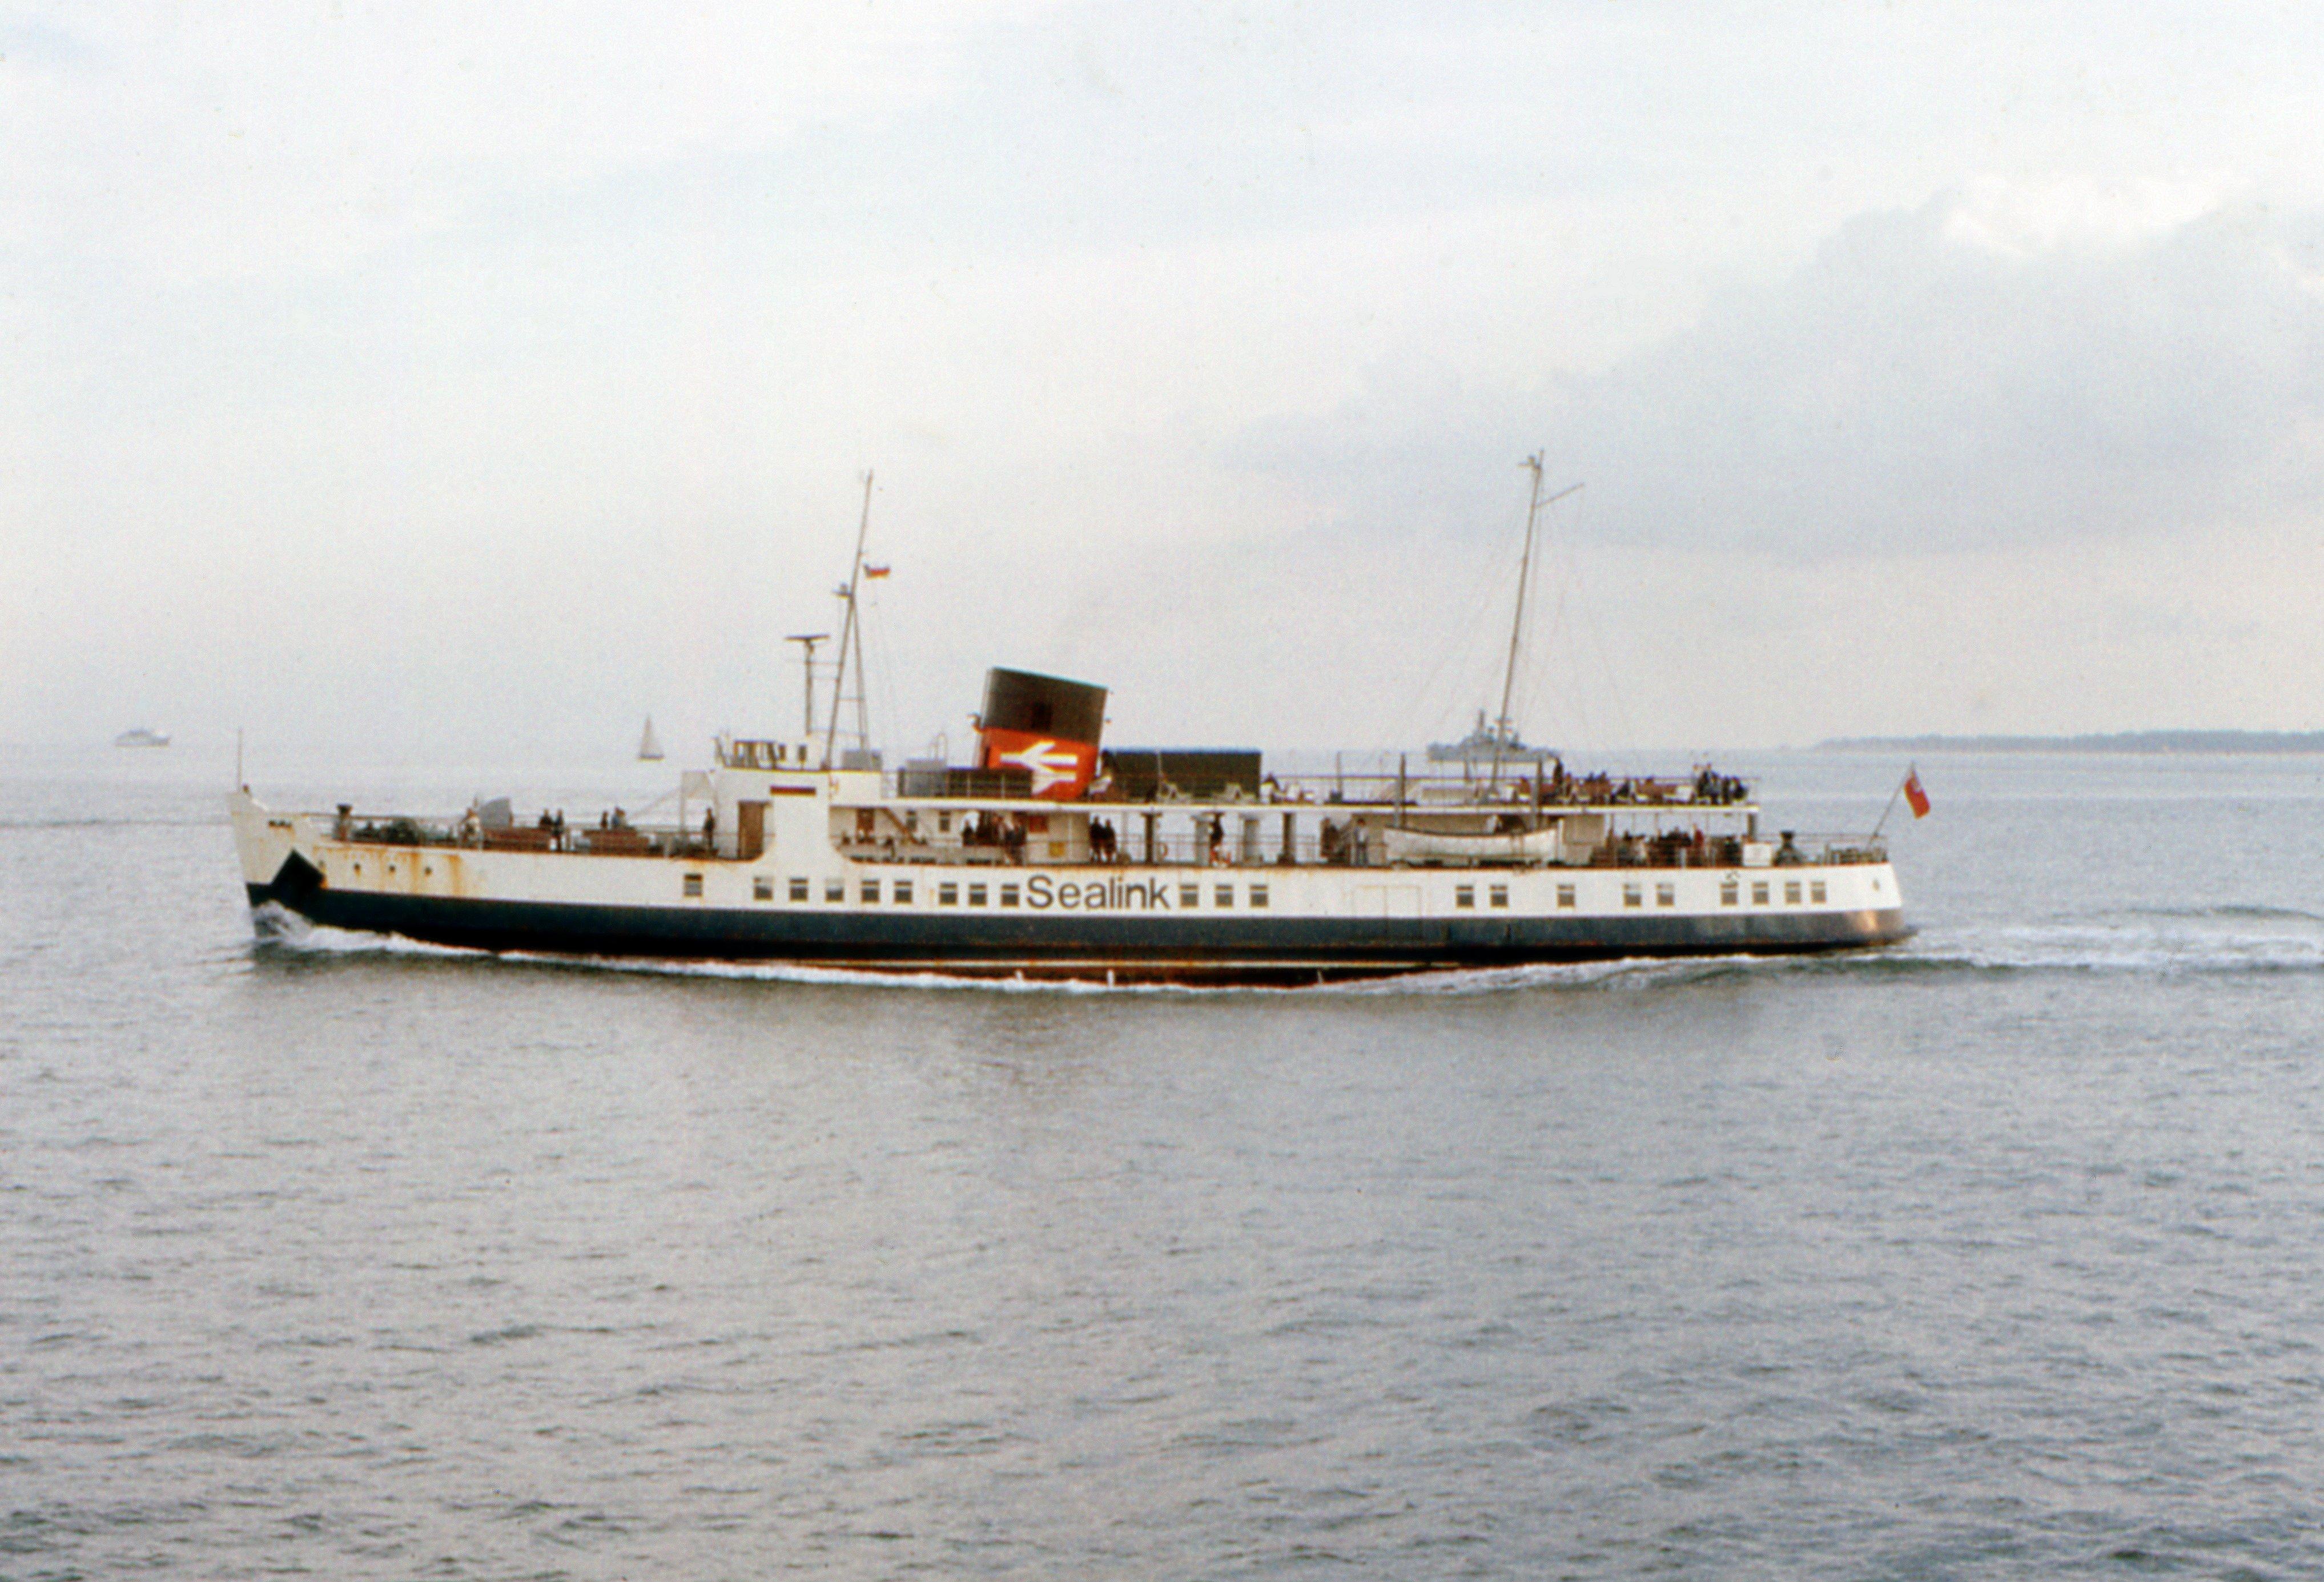 Channel Island Ferries V Sealink Uk